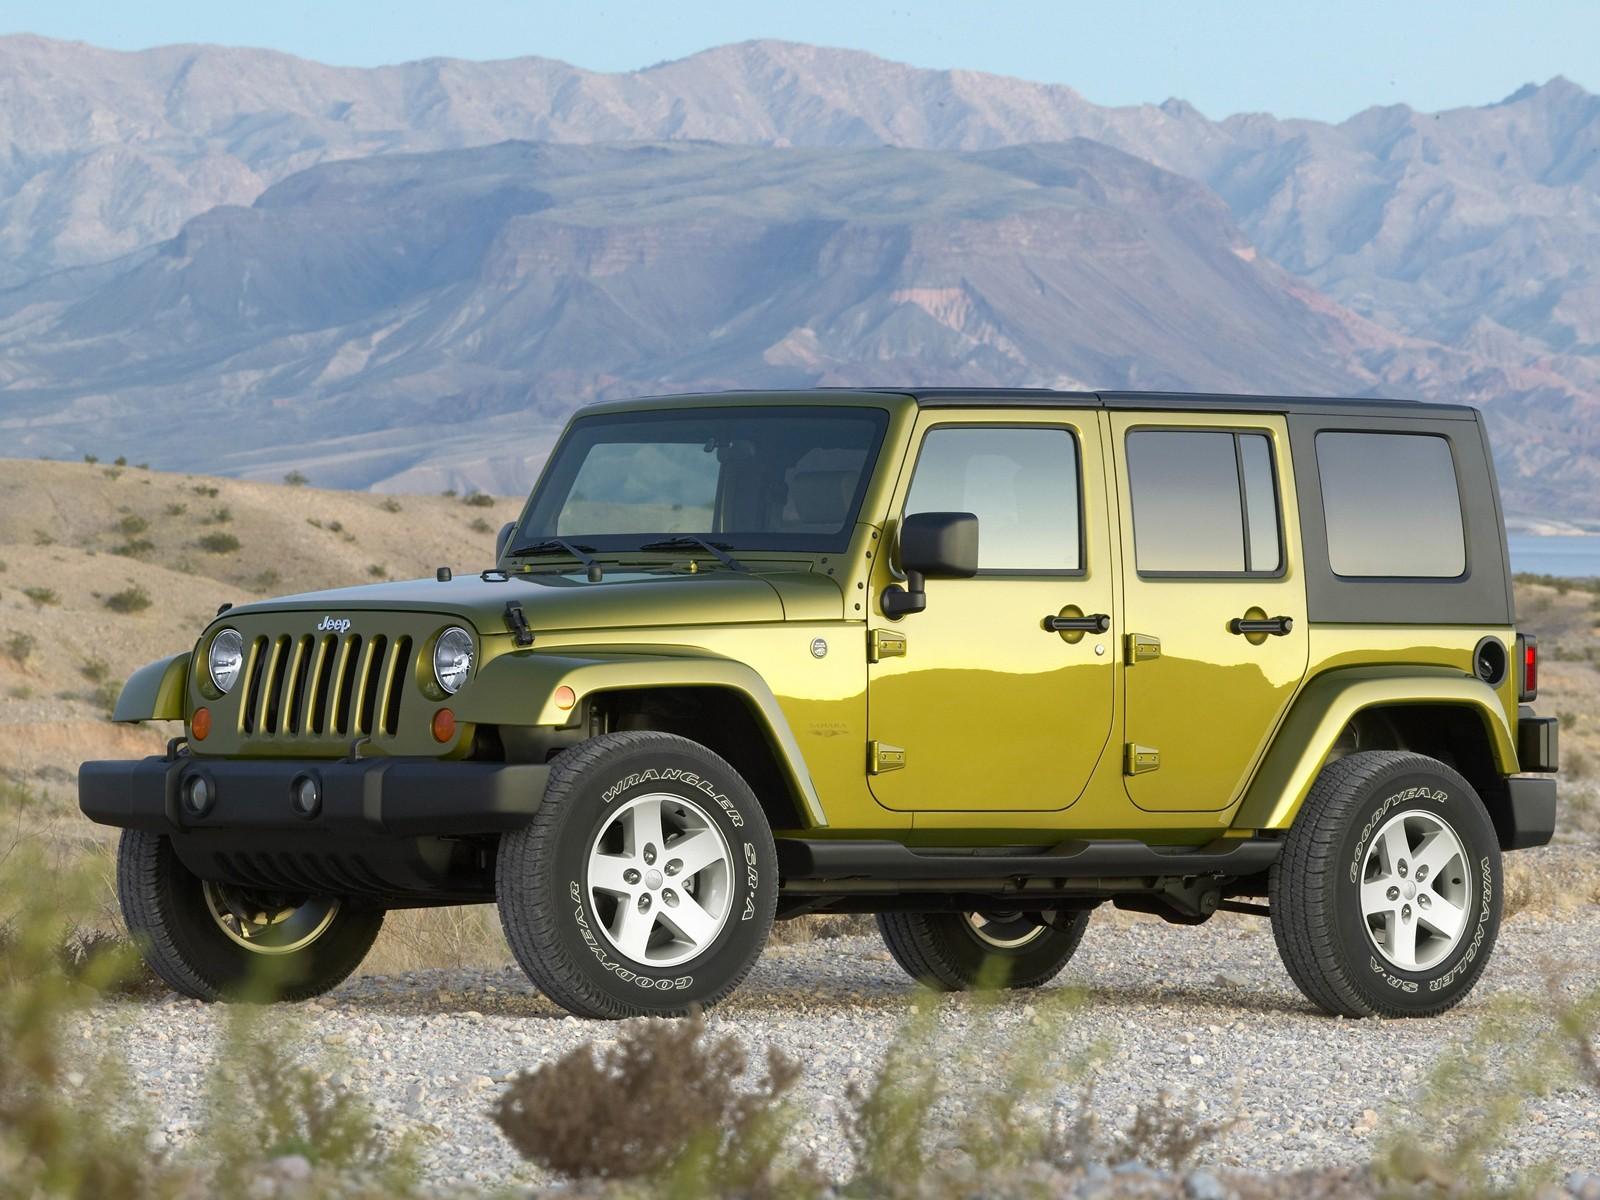 壁纸1600 1200高清晰Jeep越野车壁纸之一 壁纸9壁纸,高清晰Jeep越高清图片